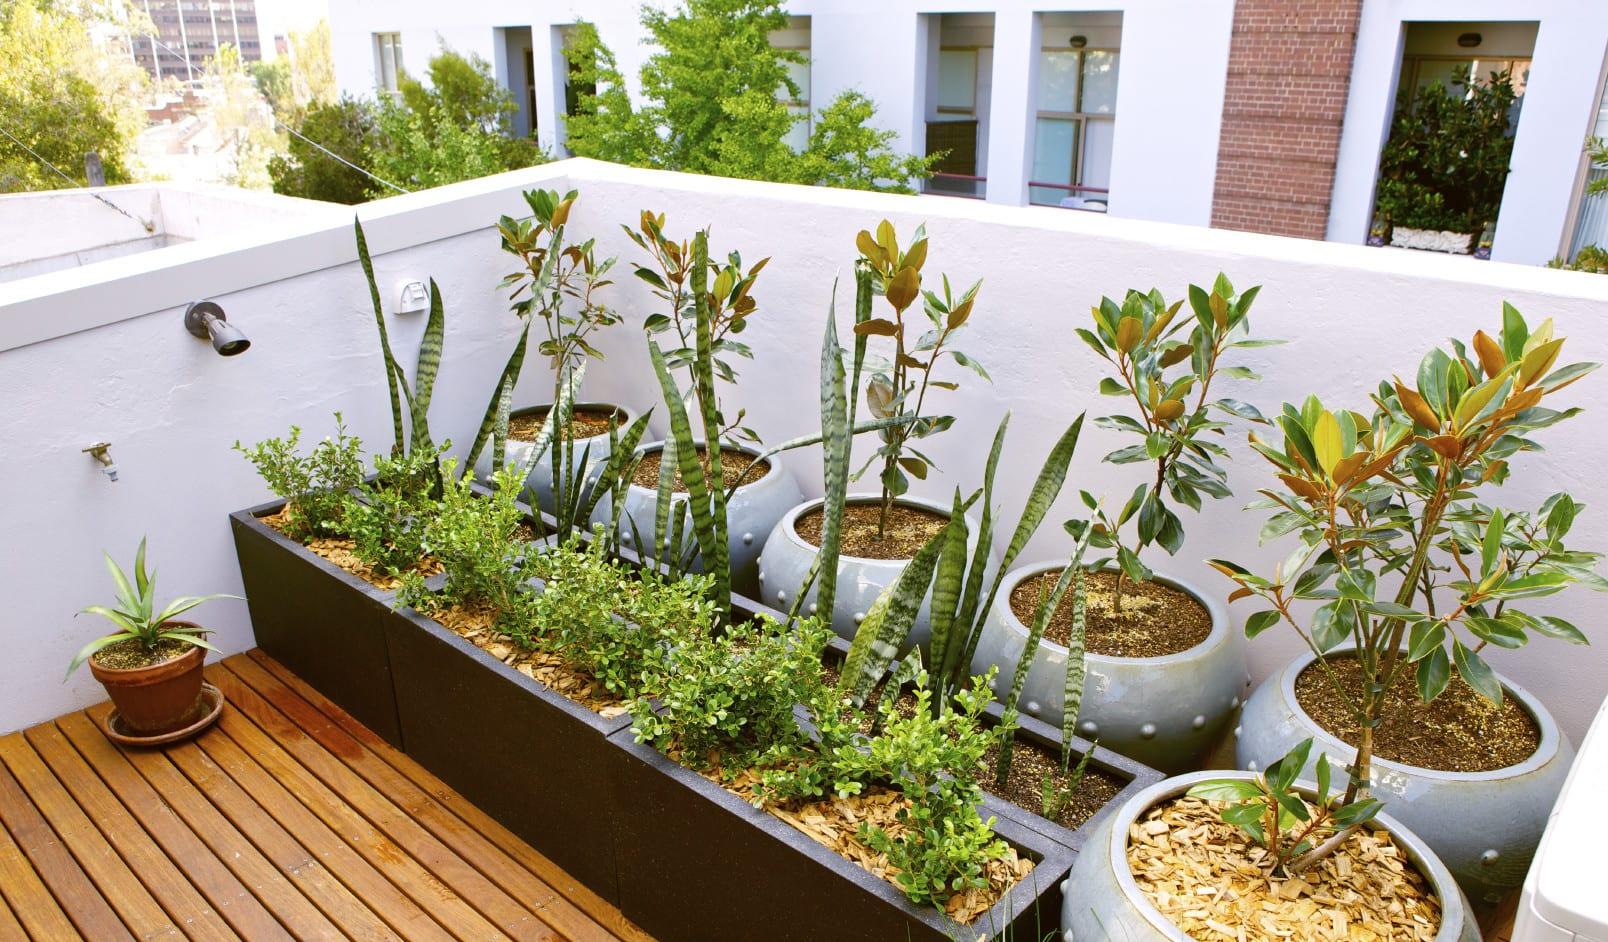 terrasse gestalten mit pflanzen-ihr eigener urban garden in der stadt